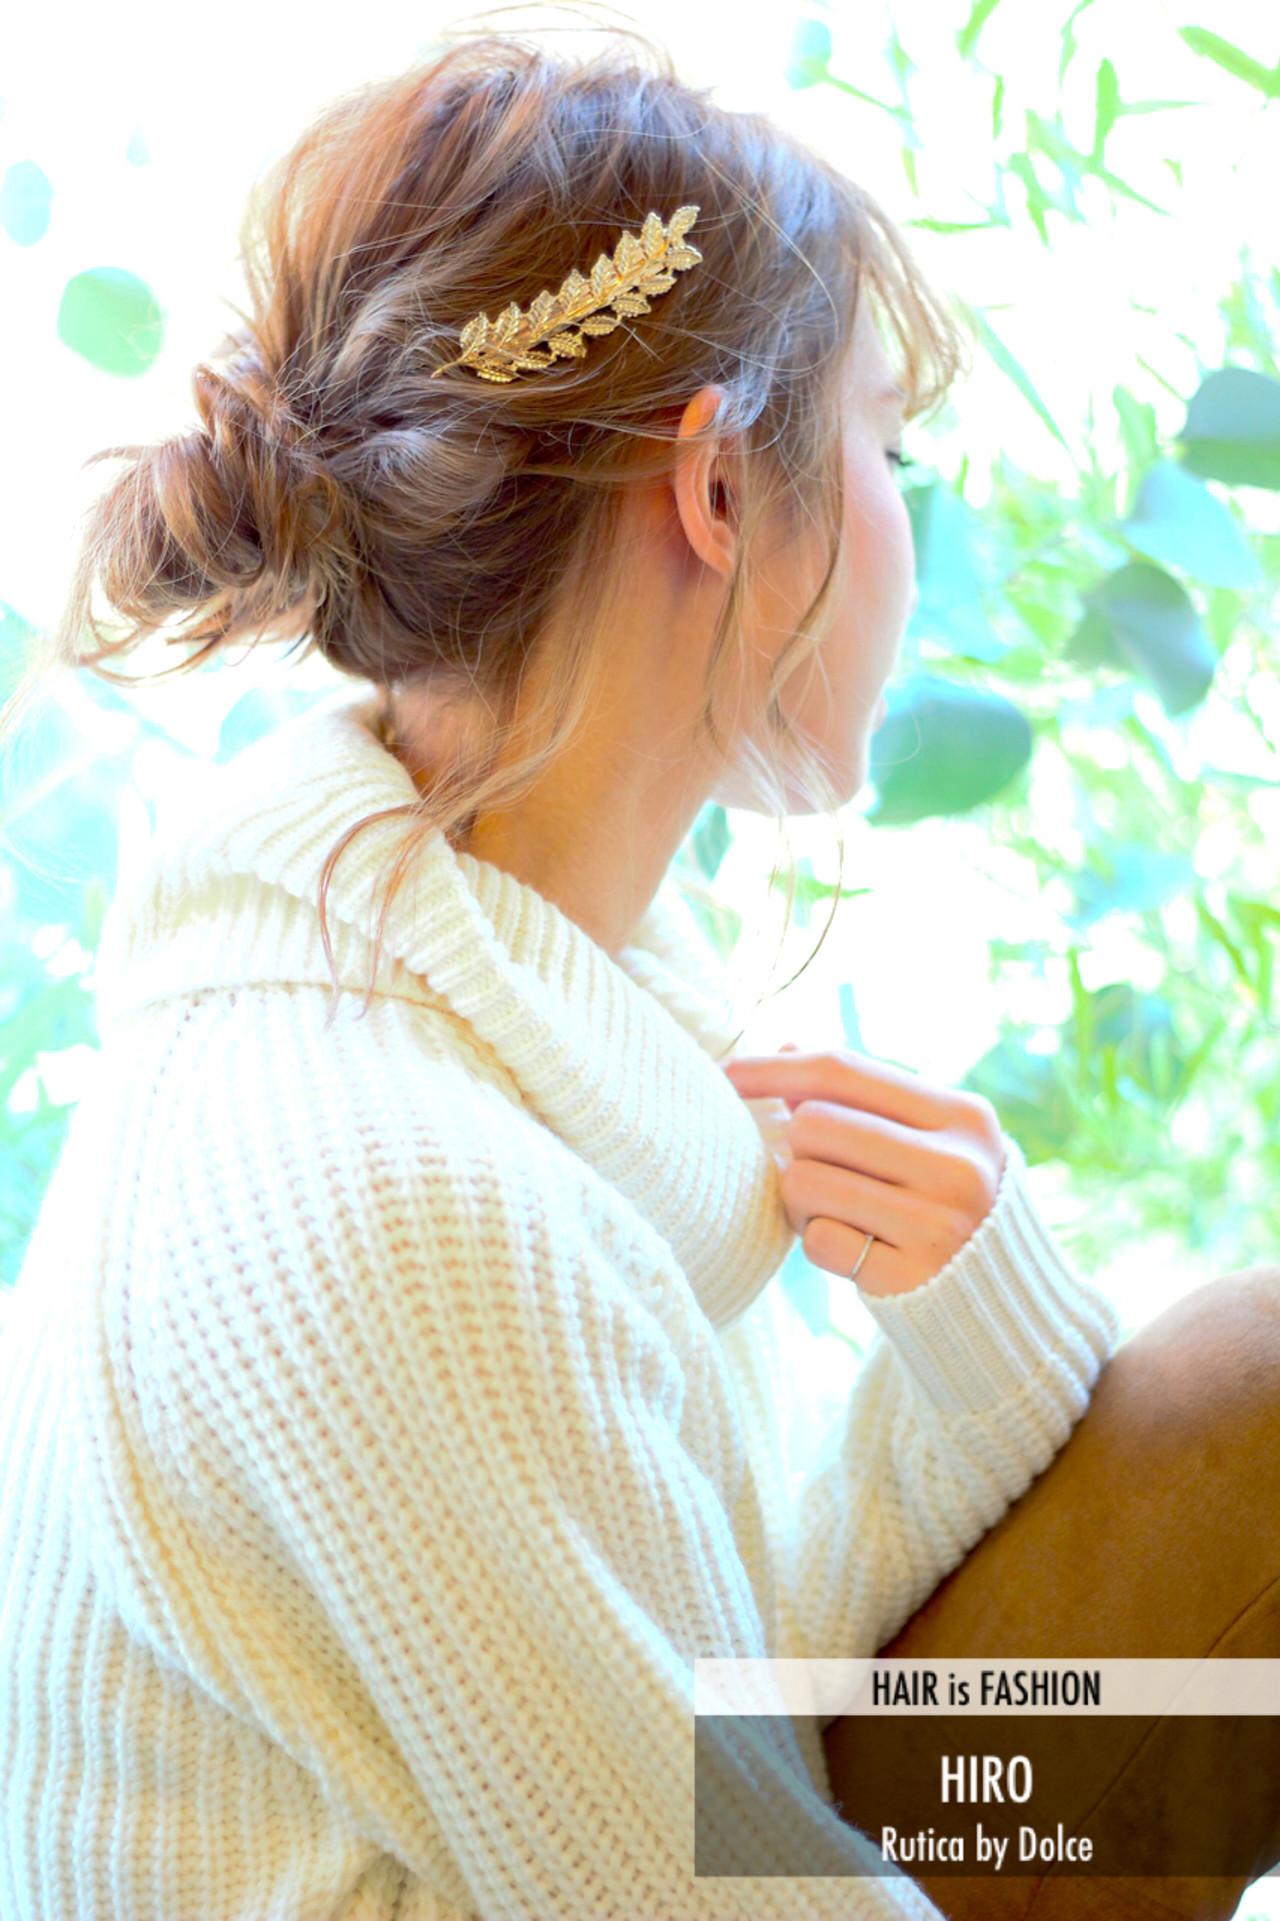 ロブ ナチュラル 大人かわいい ミディアム ヘアスタイルや髪型の写真・画像 | HIRO / DOLCE hair横堤